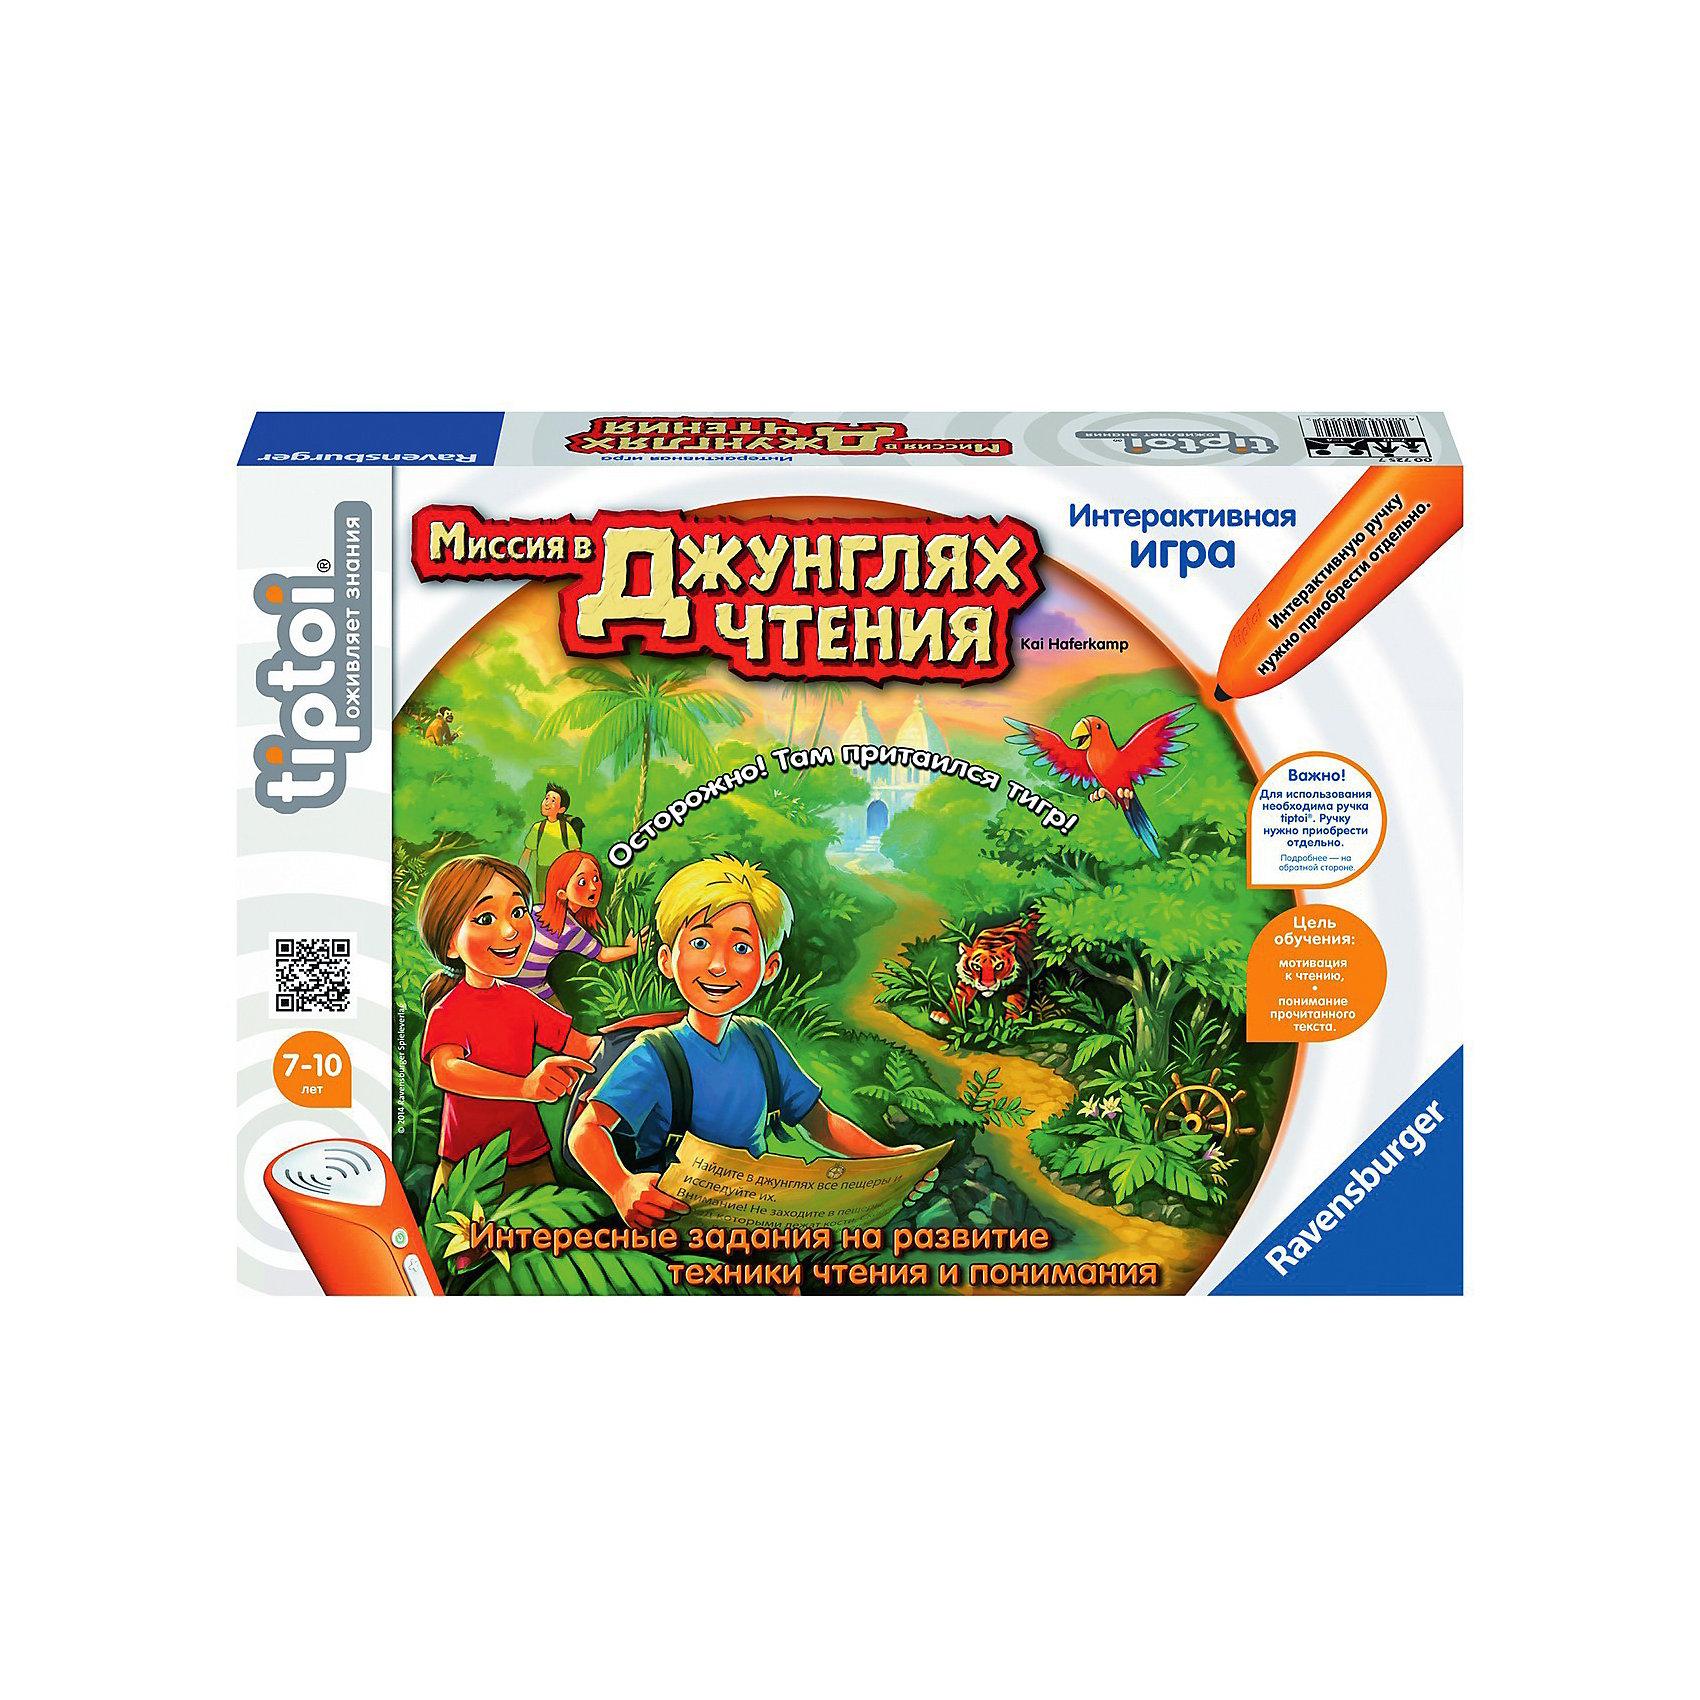 Интерактивная игра Миссия в джунглях чтения  (без ручки), Tiptoi